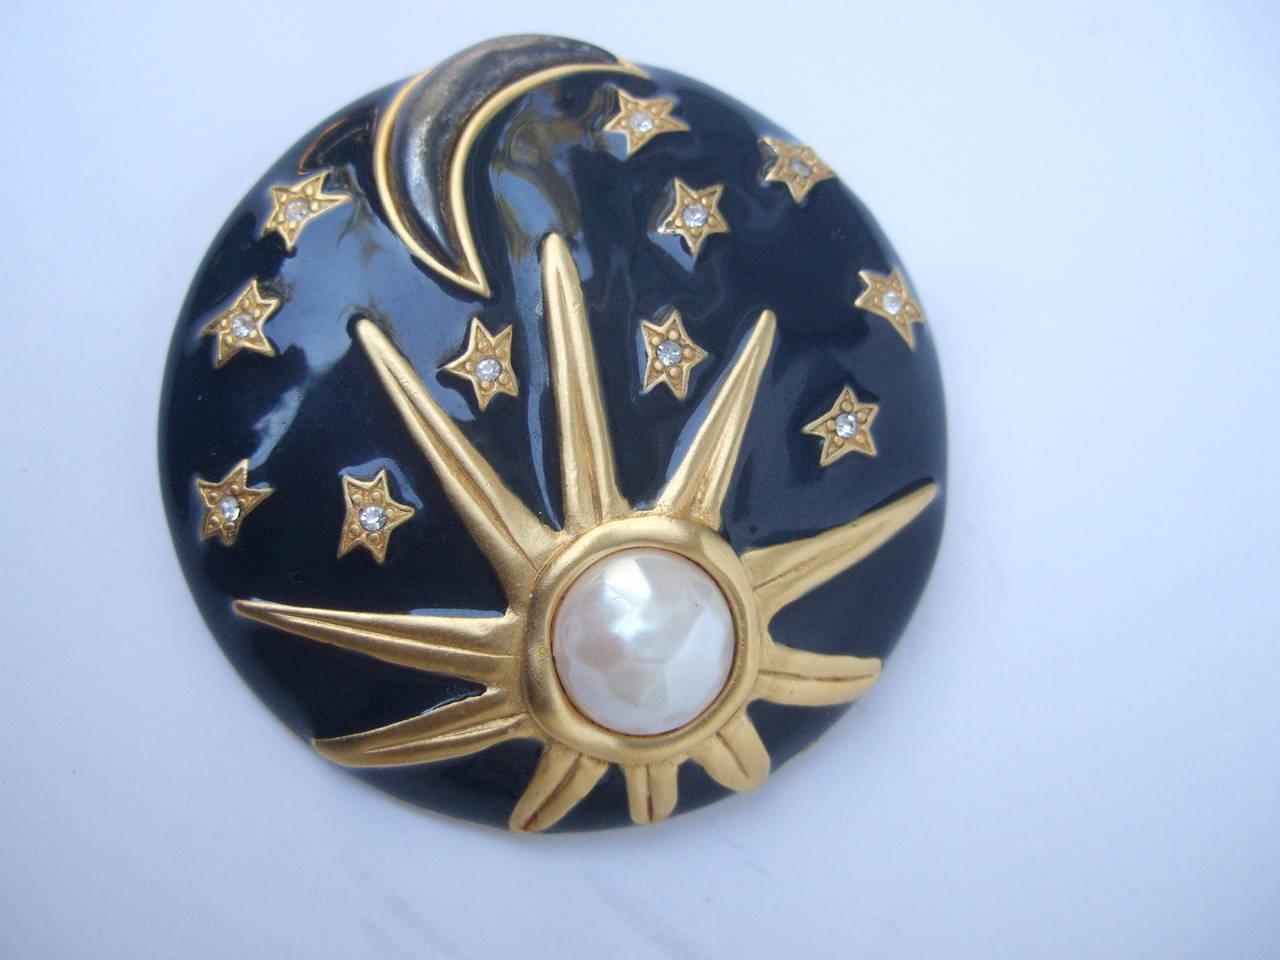 Karl Lagerfeld Jeweled Enamel Sun, Moon & Star Brooch 2